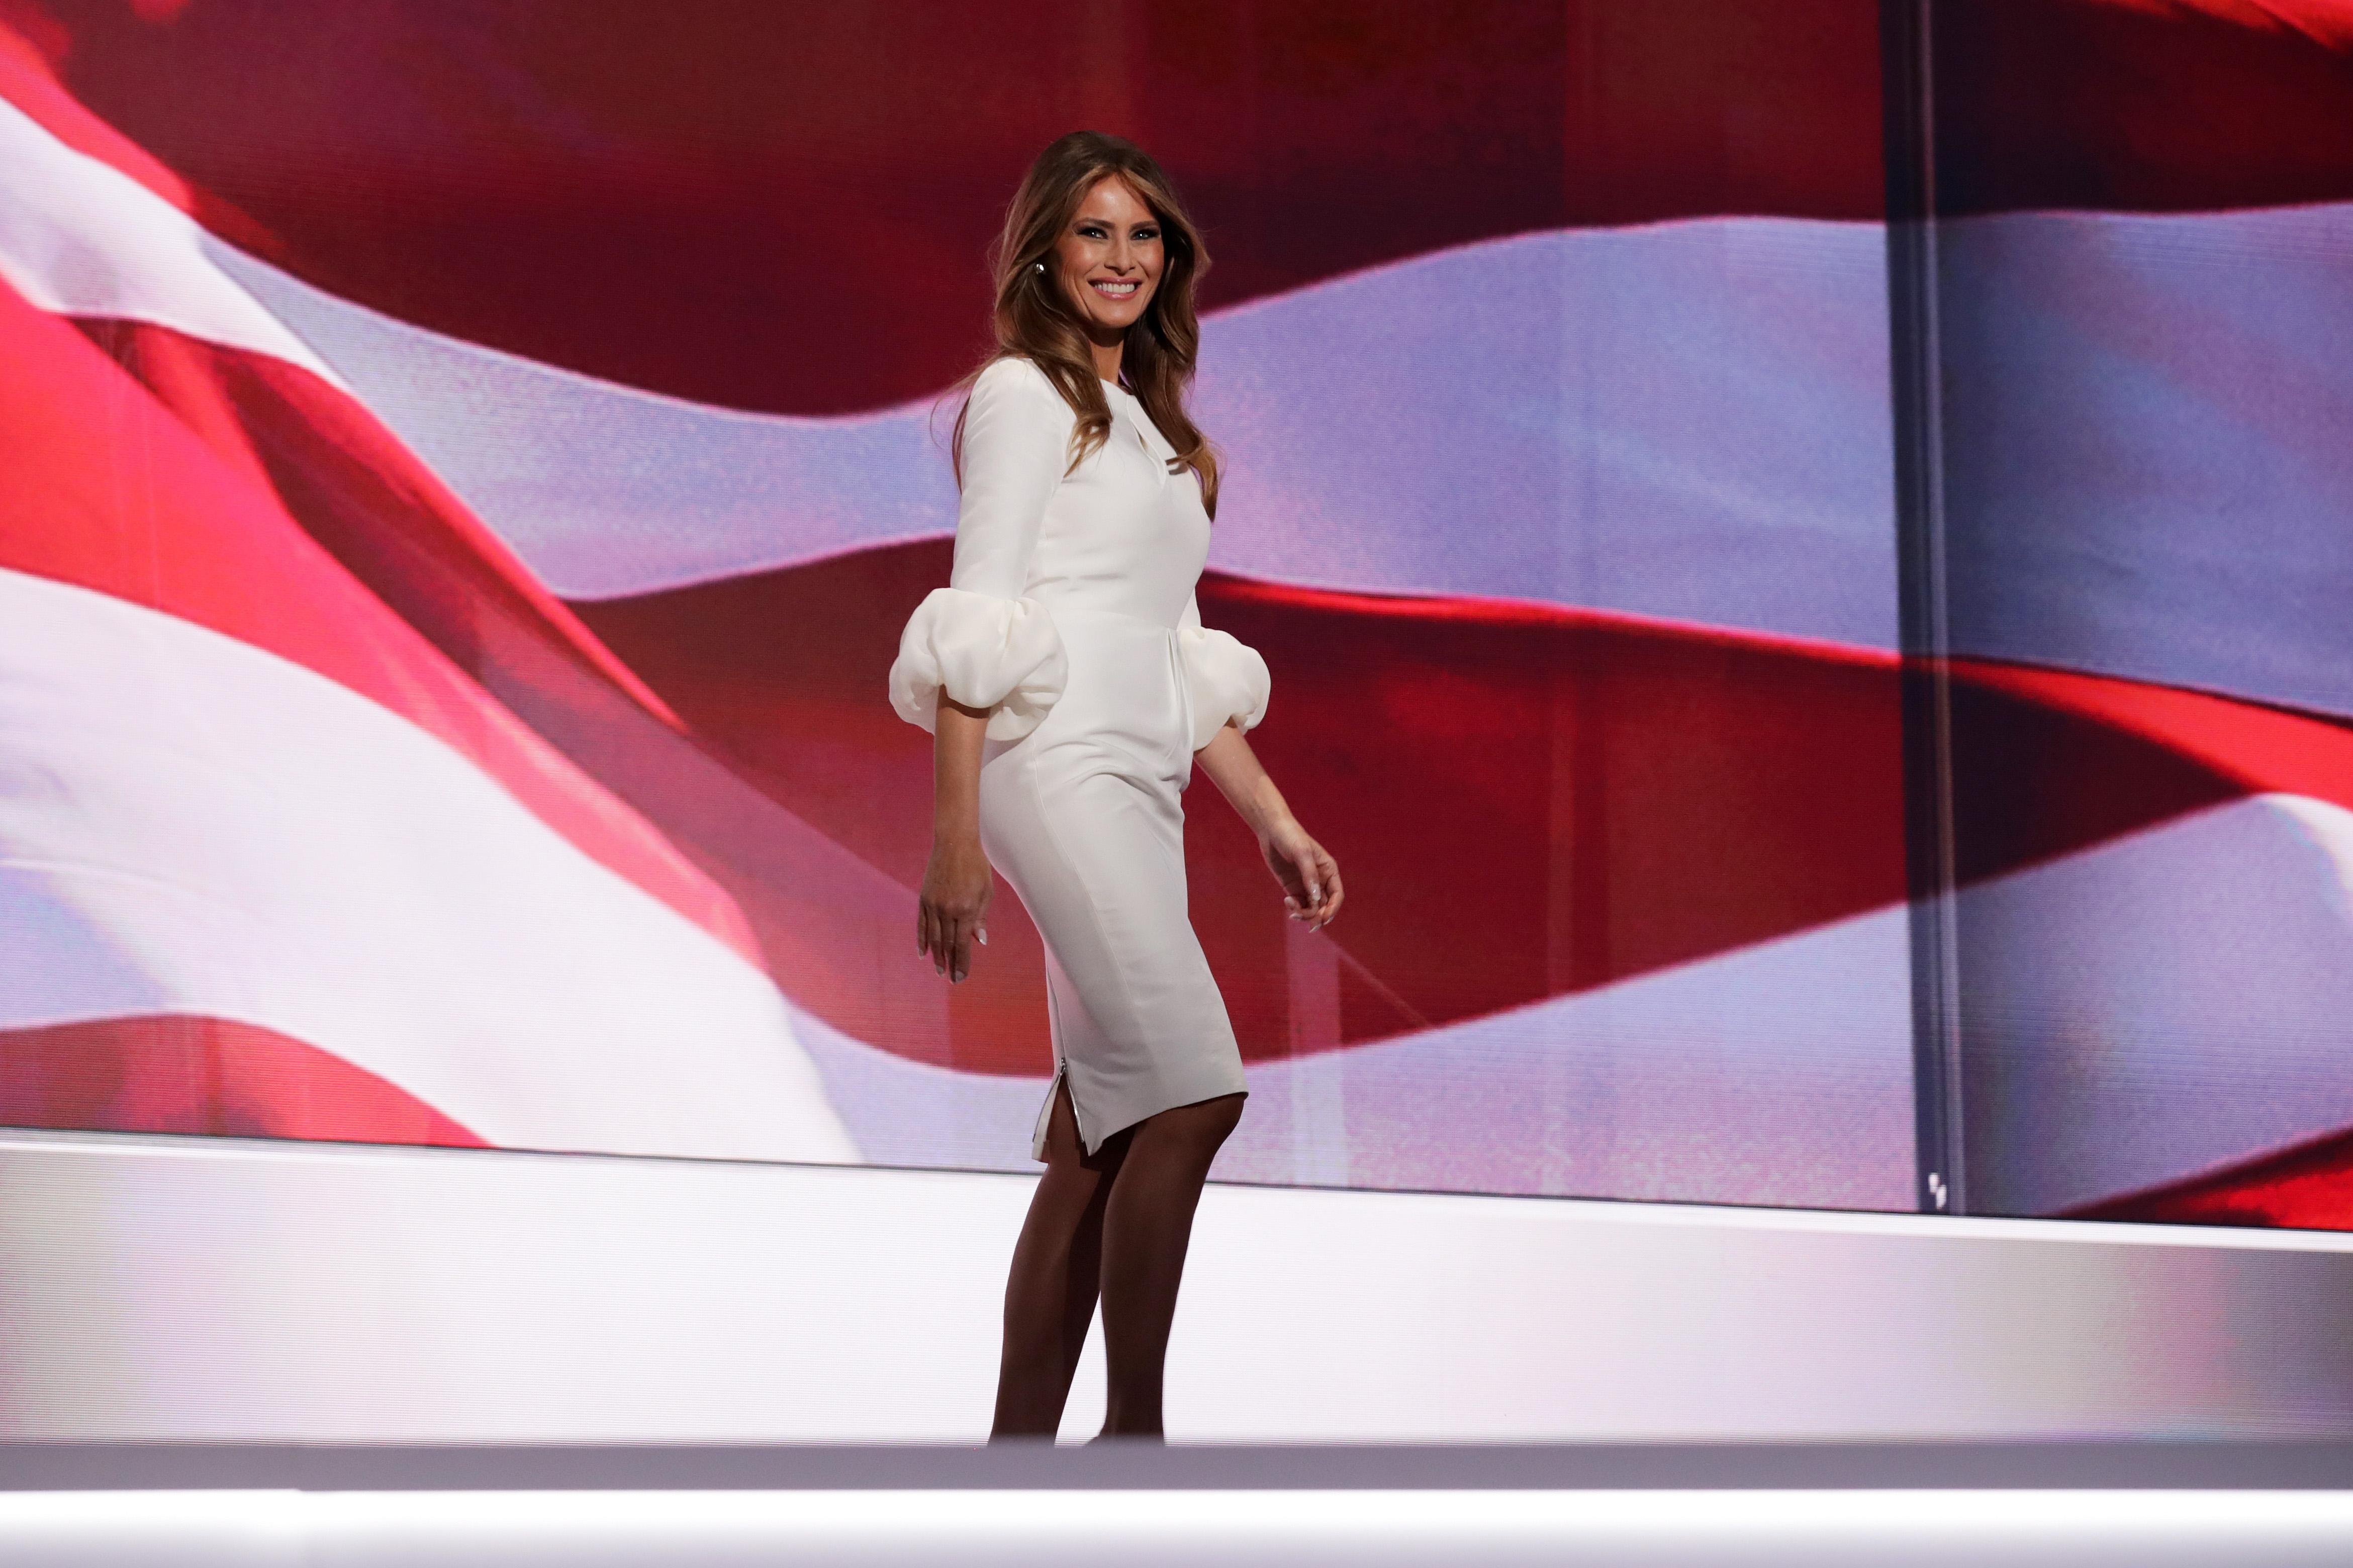 Она достойно участвовала в предвыборной кампании.